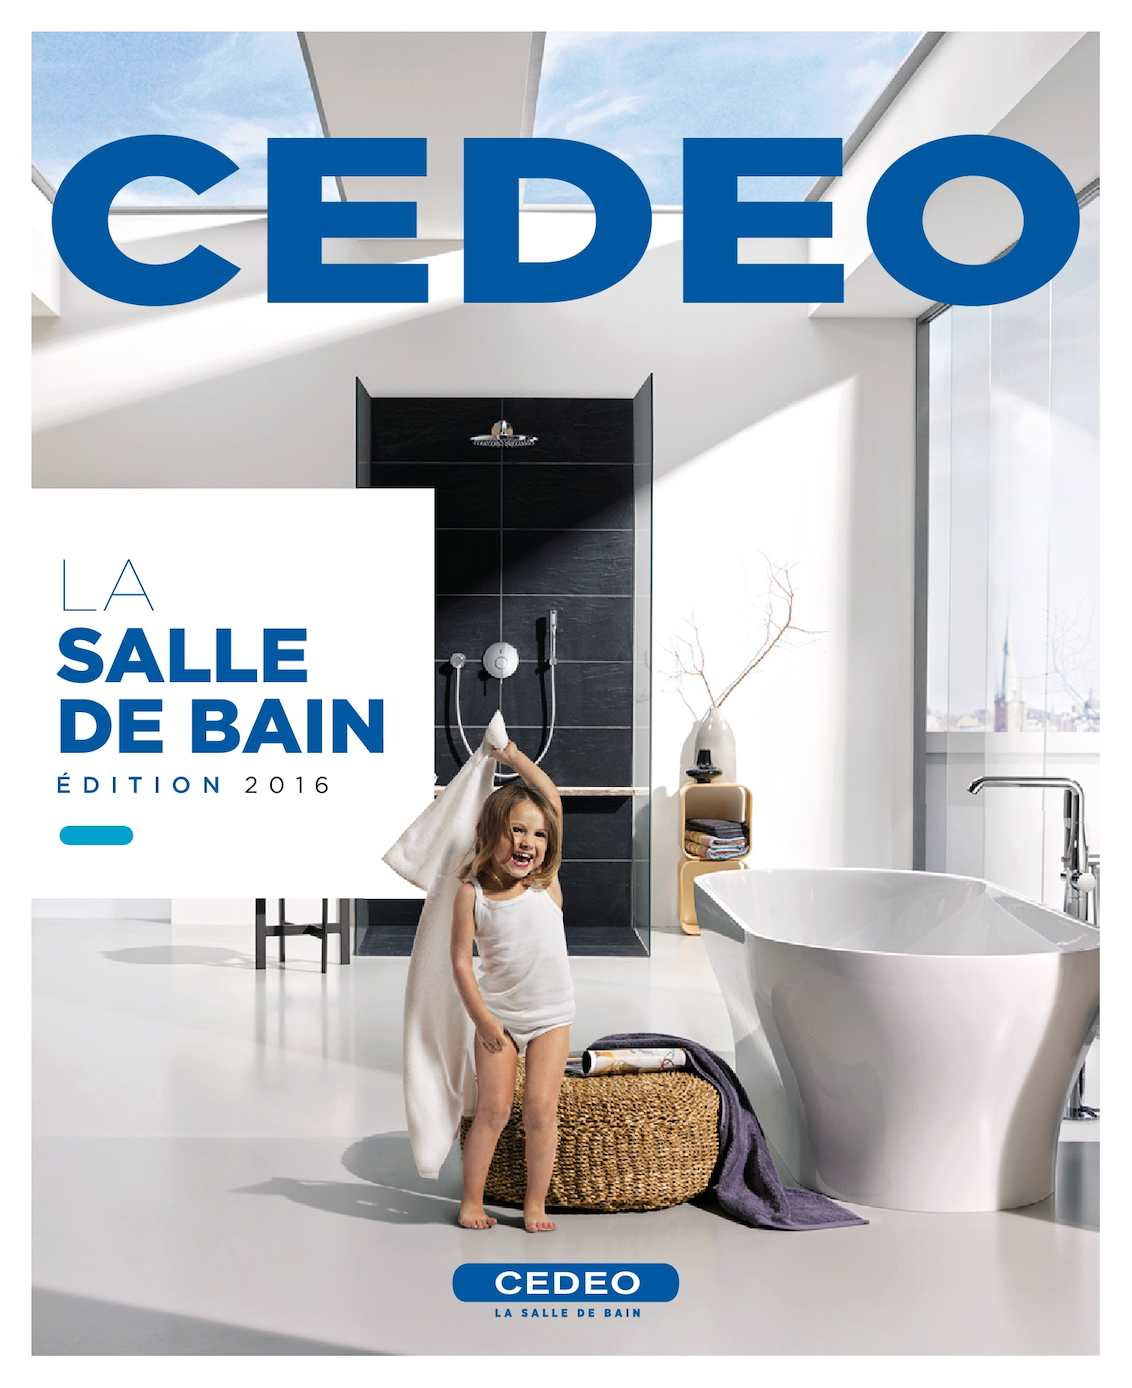 Stratifié Compressé Salle De Bain calaméo - catalogue salle de bain 2016 cedeo flip book